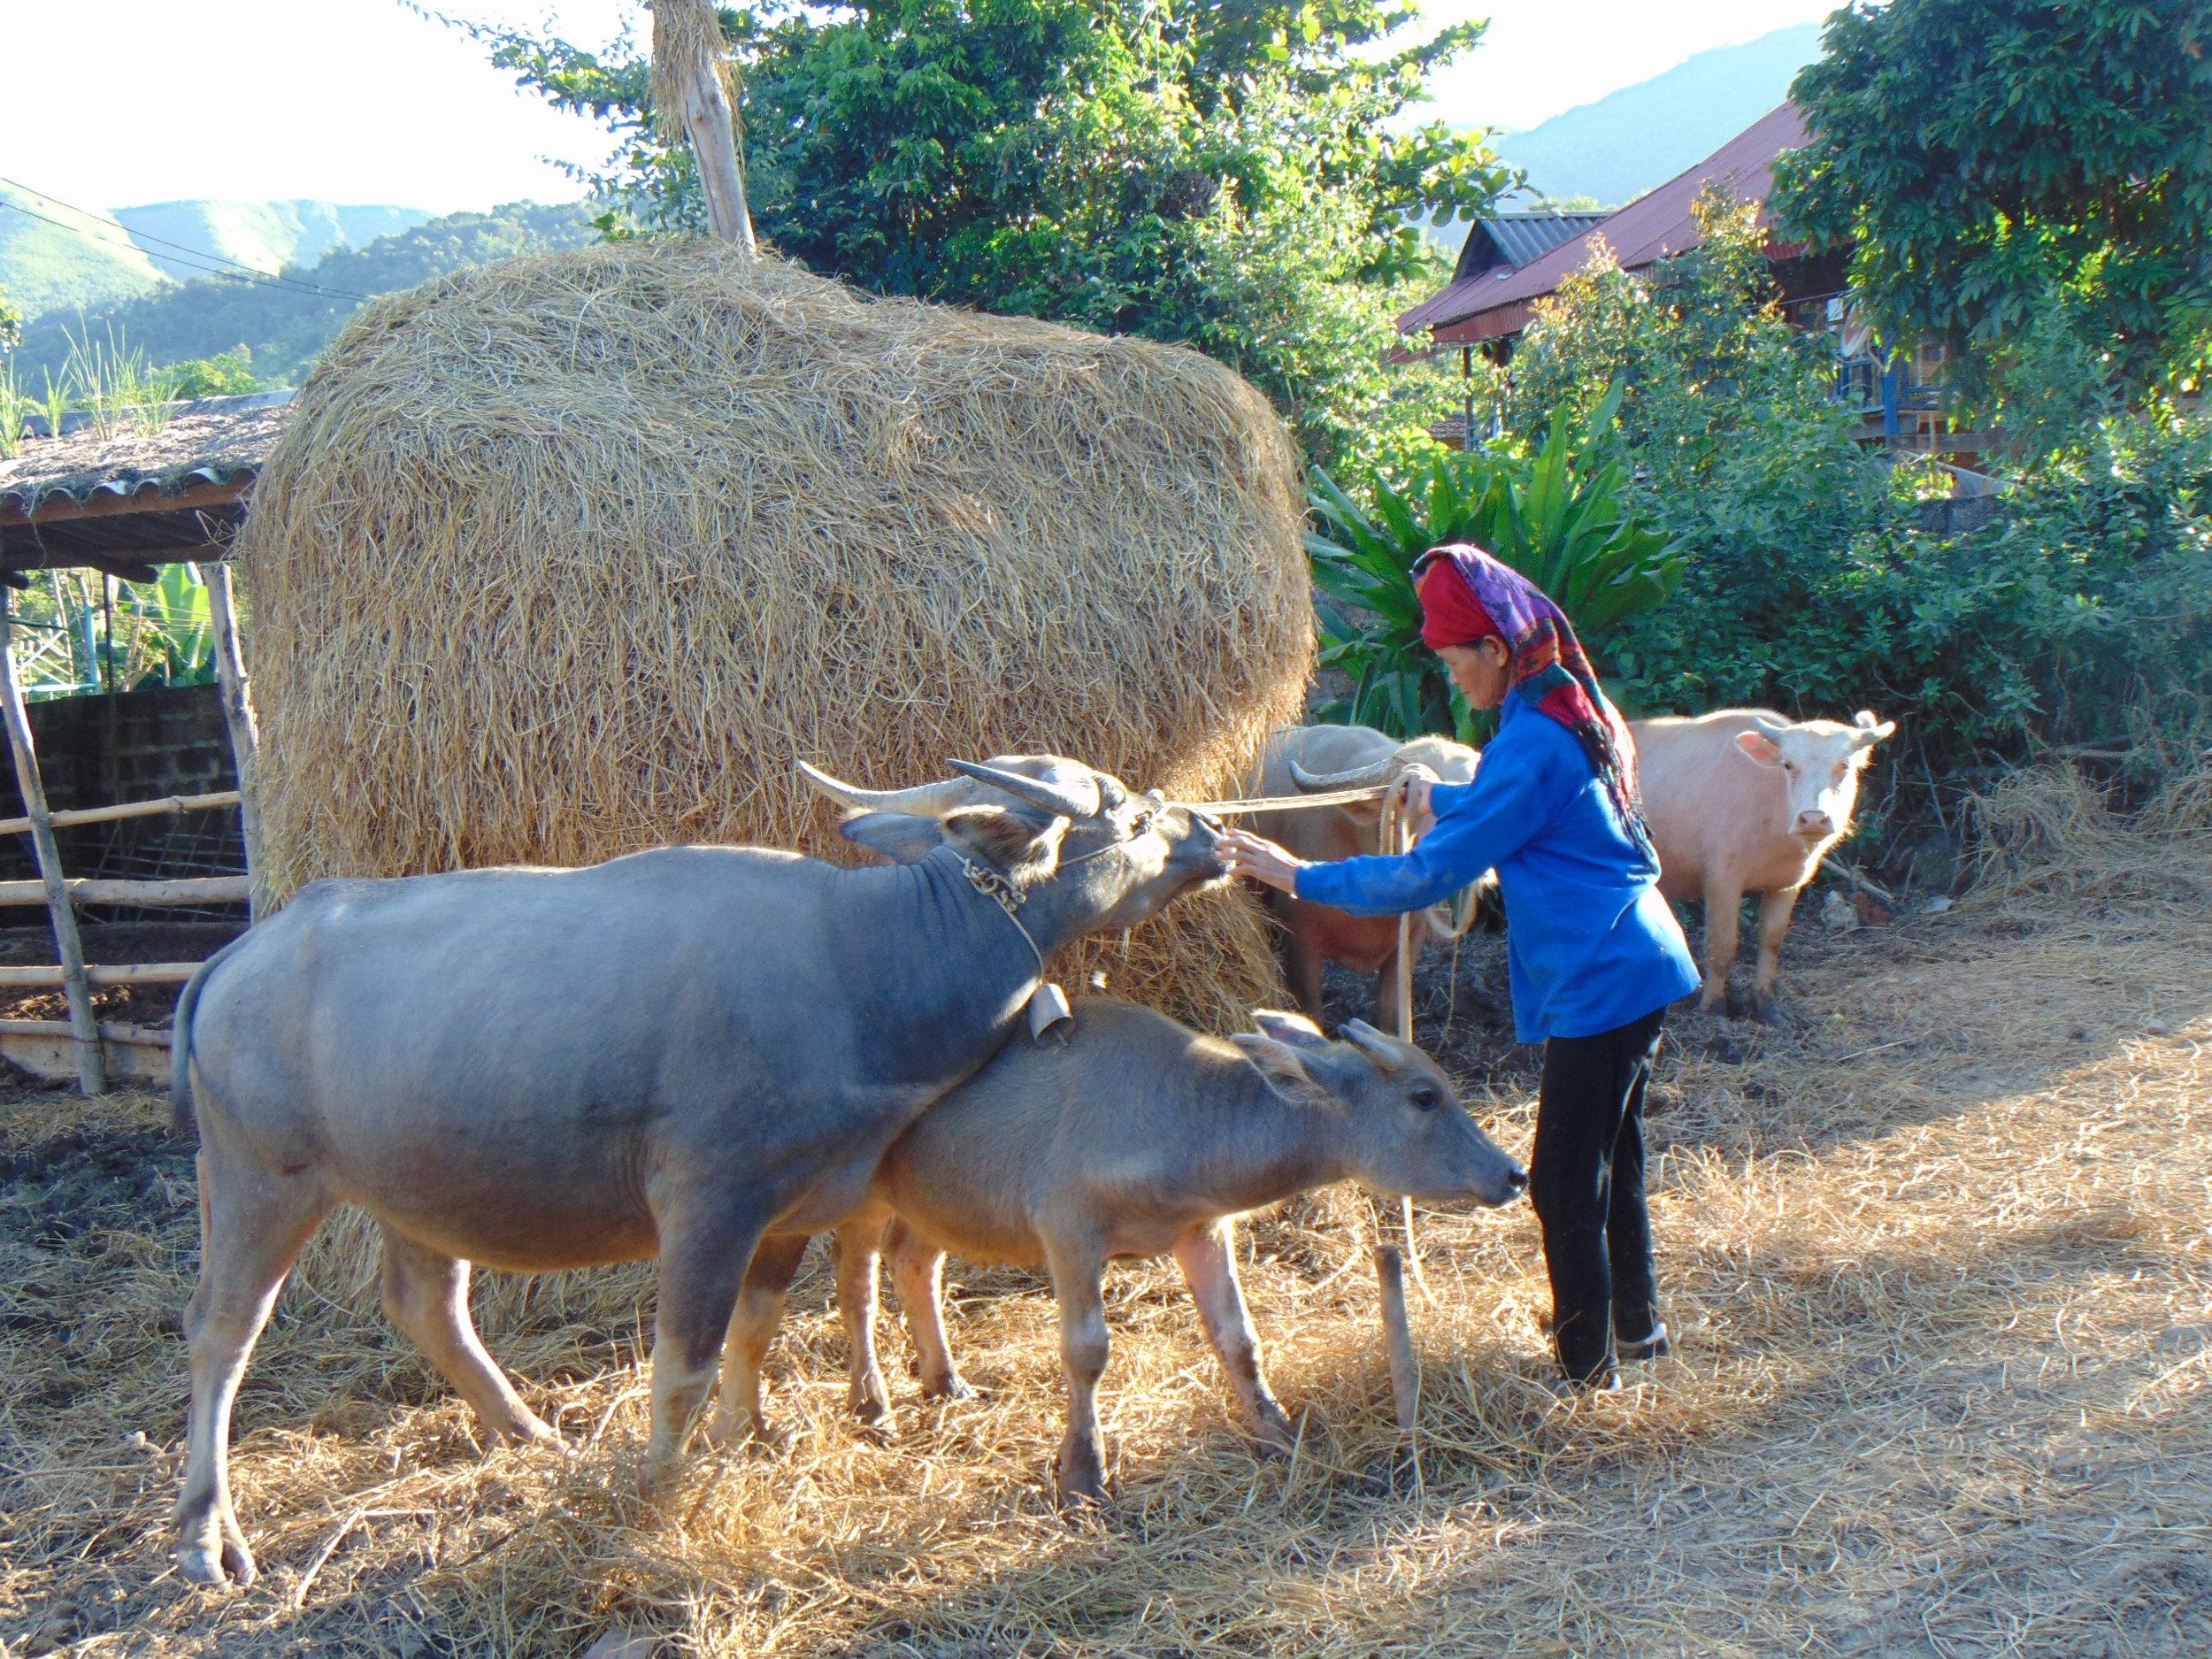 Anh Chị Em - Chương trình tín dụng vi mô - Chăn nuôi sản xuất